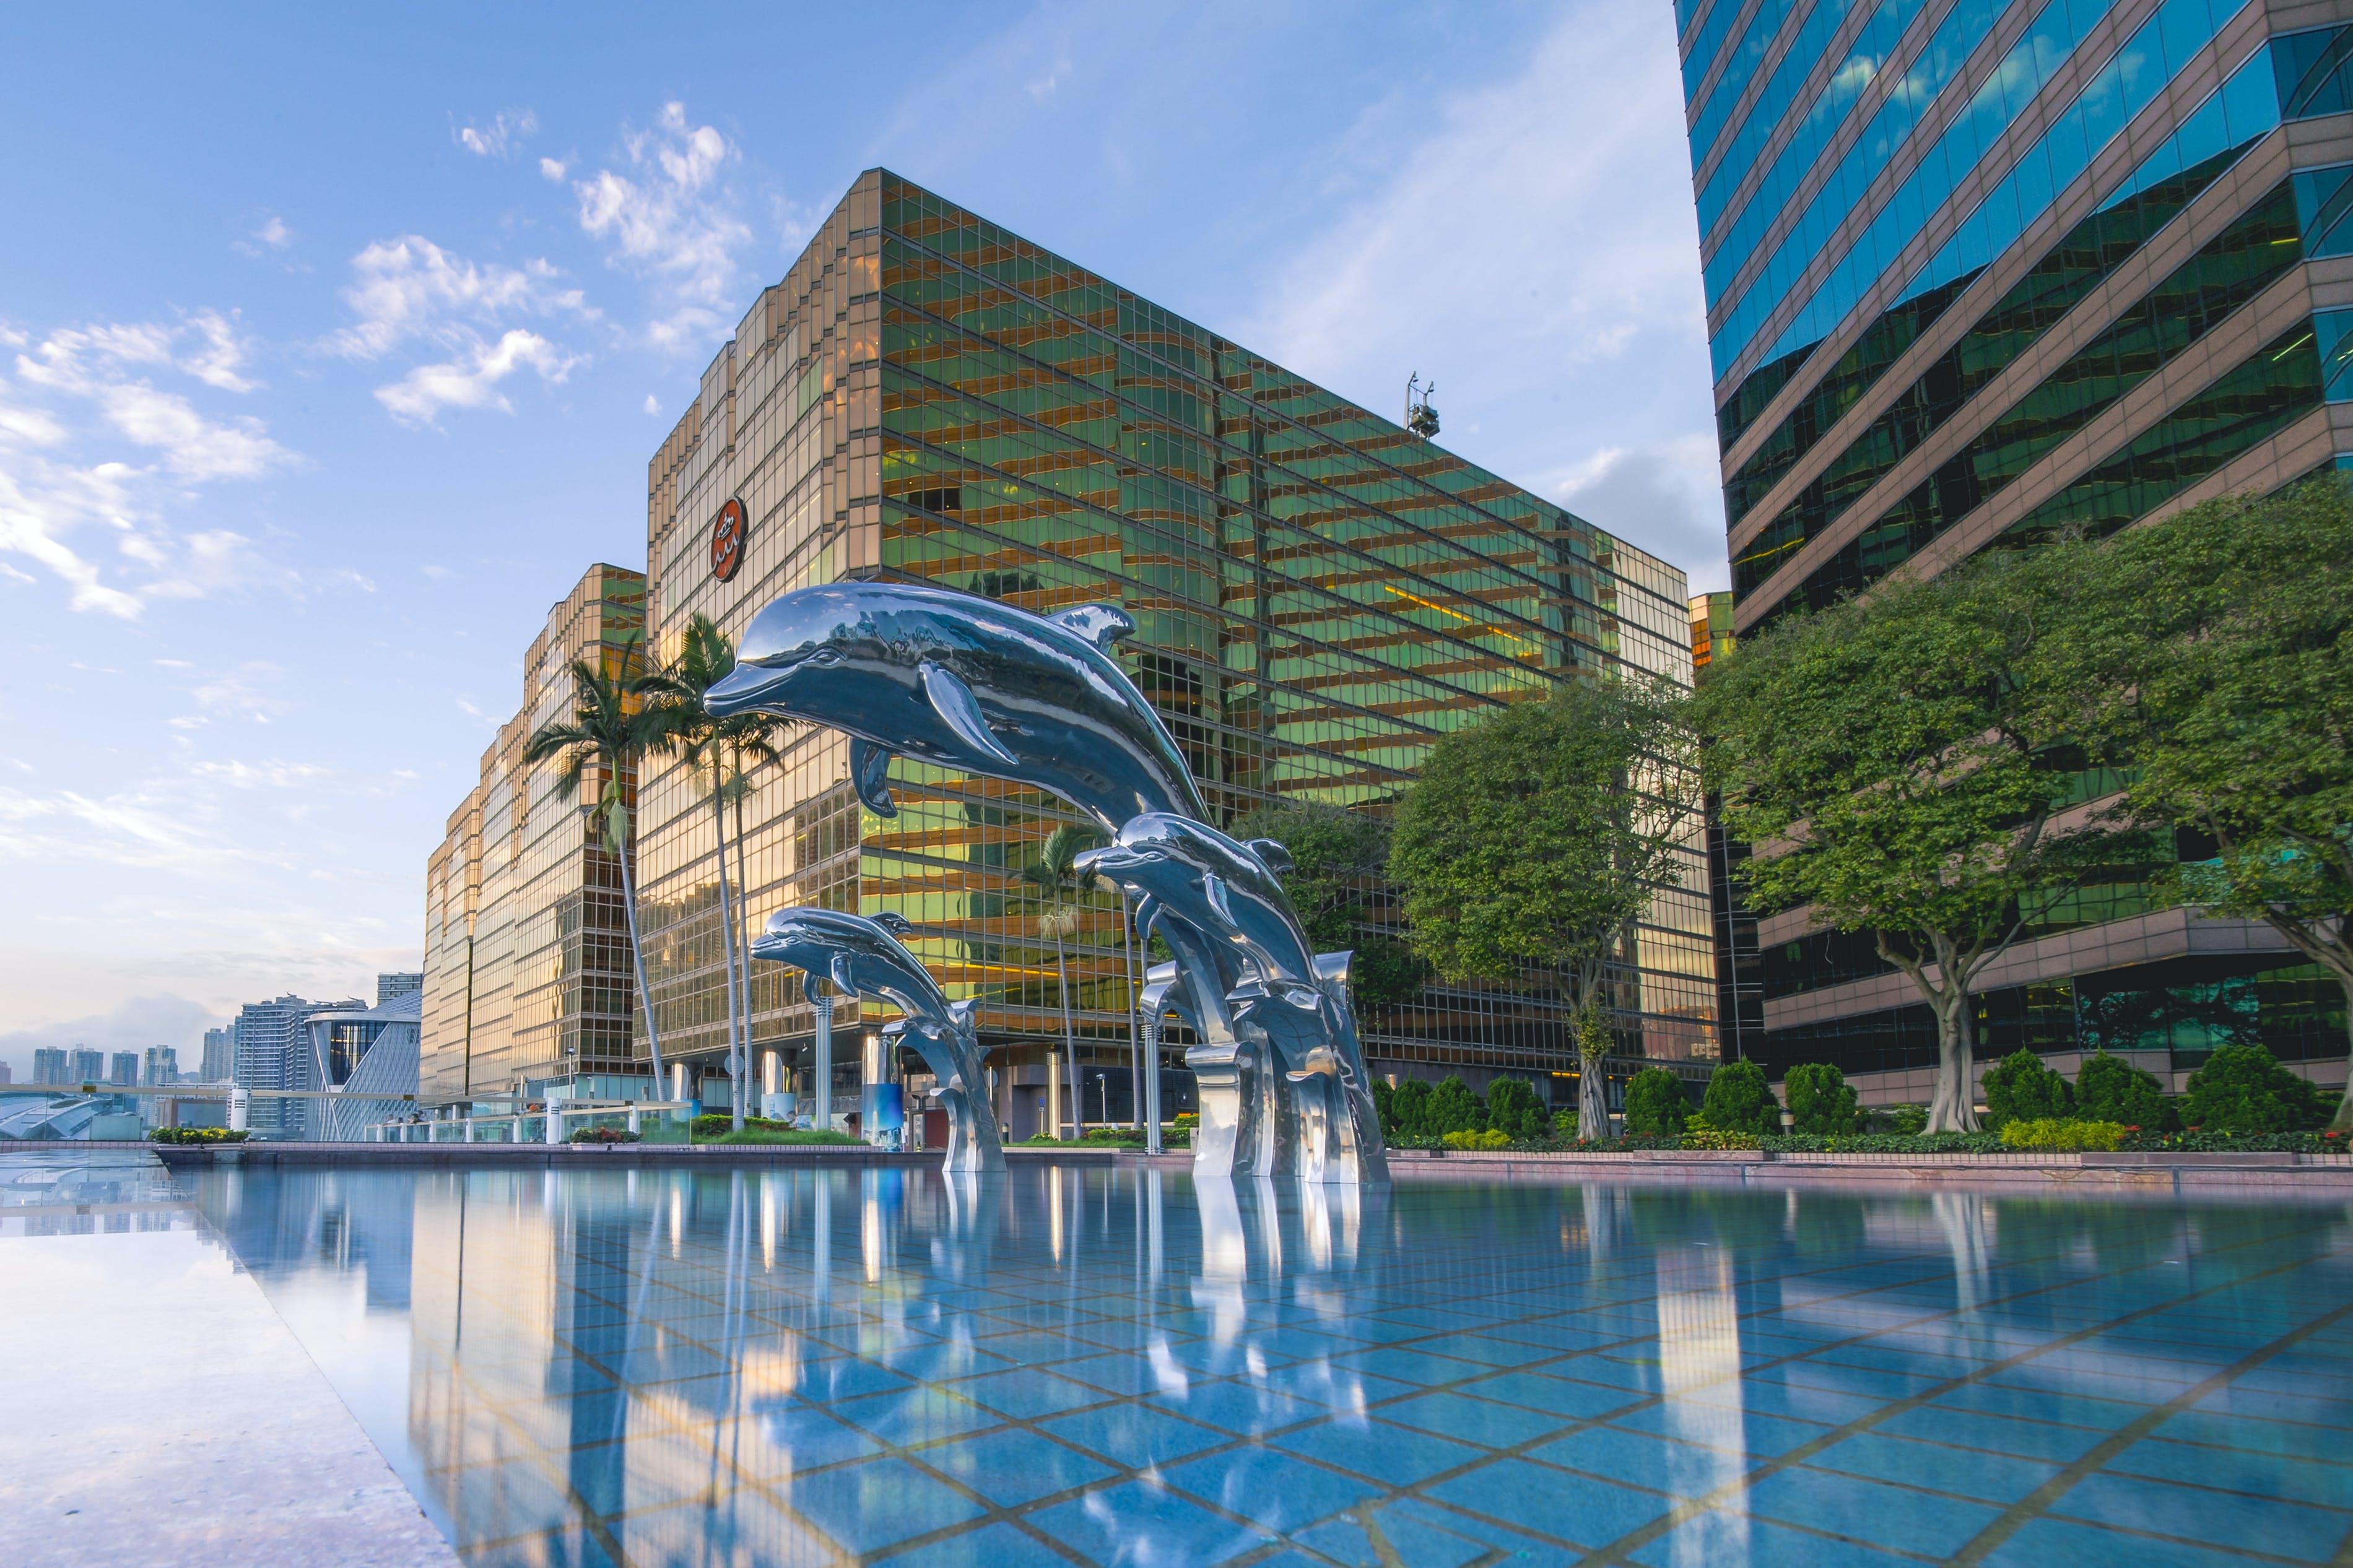 Kostenloses Stock Foto zu architektur, badeort, bäume, delfine